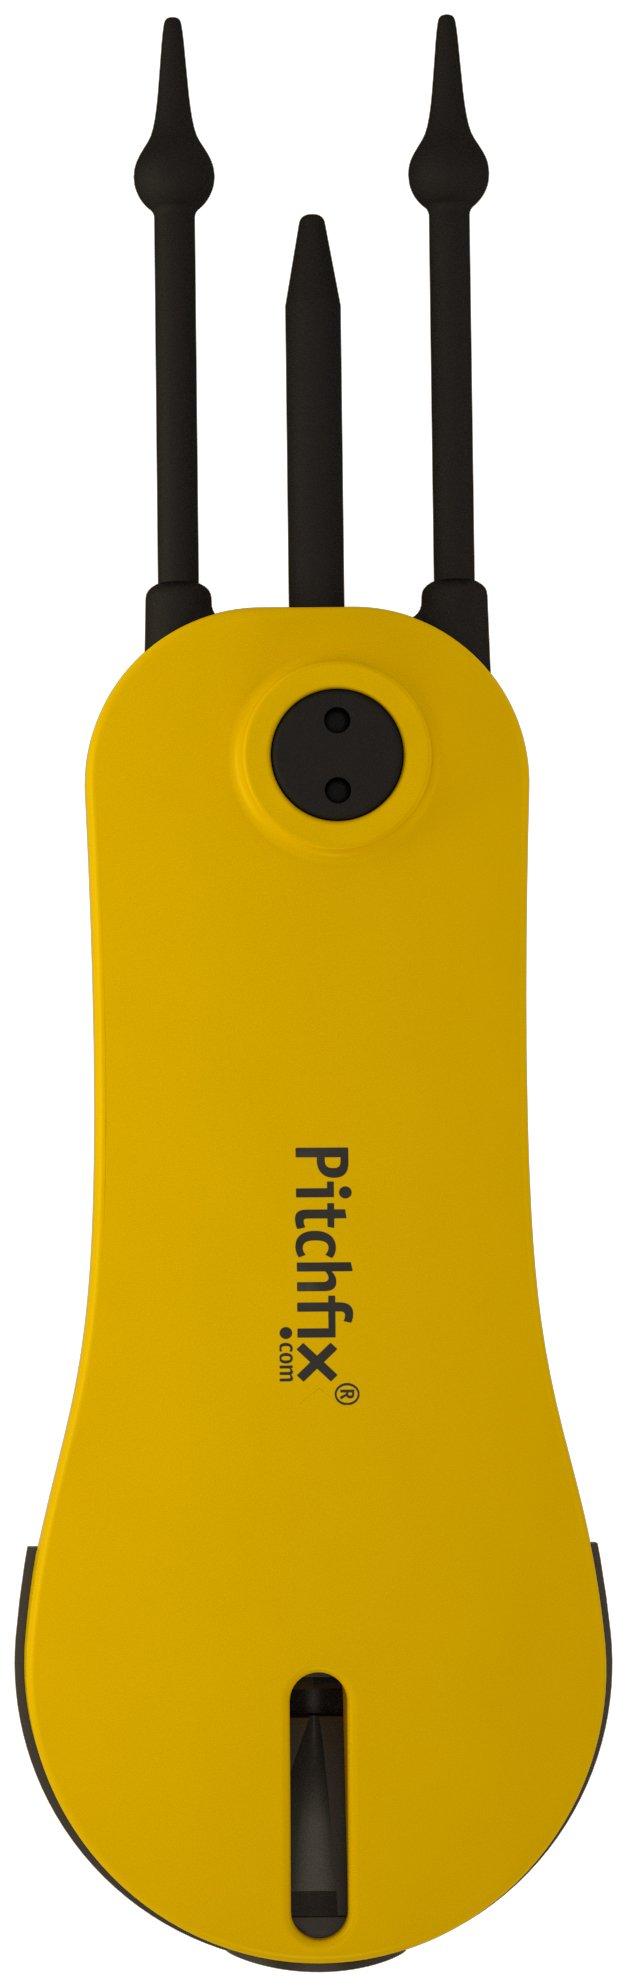 Pitchfix Fusion 2.5 Pin, Yellow/White by Pitchfix (Image #4)